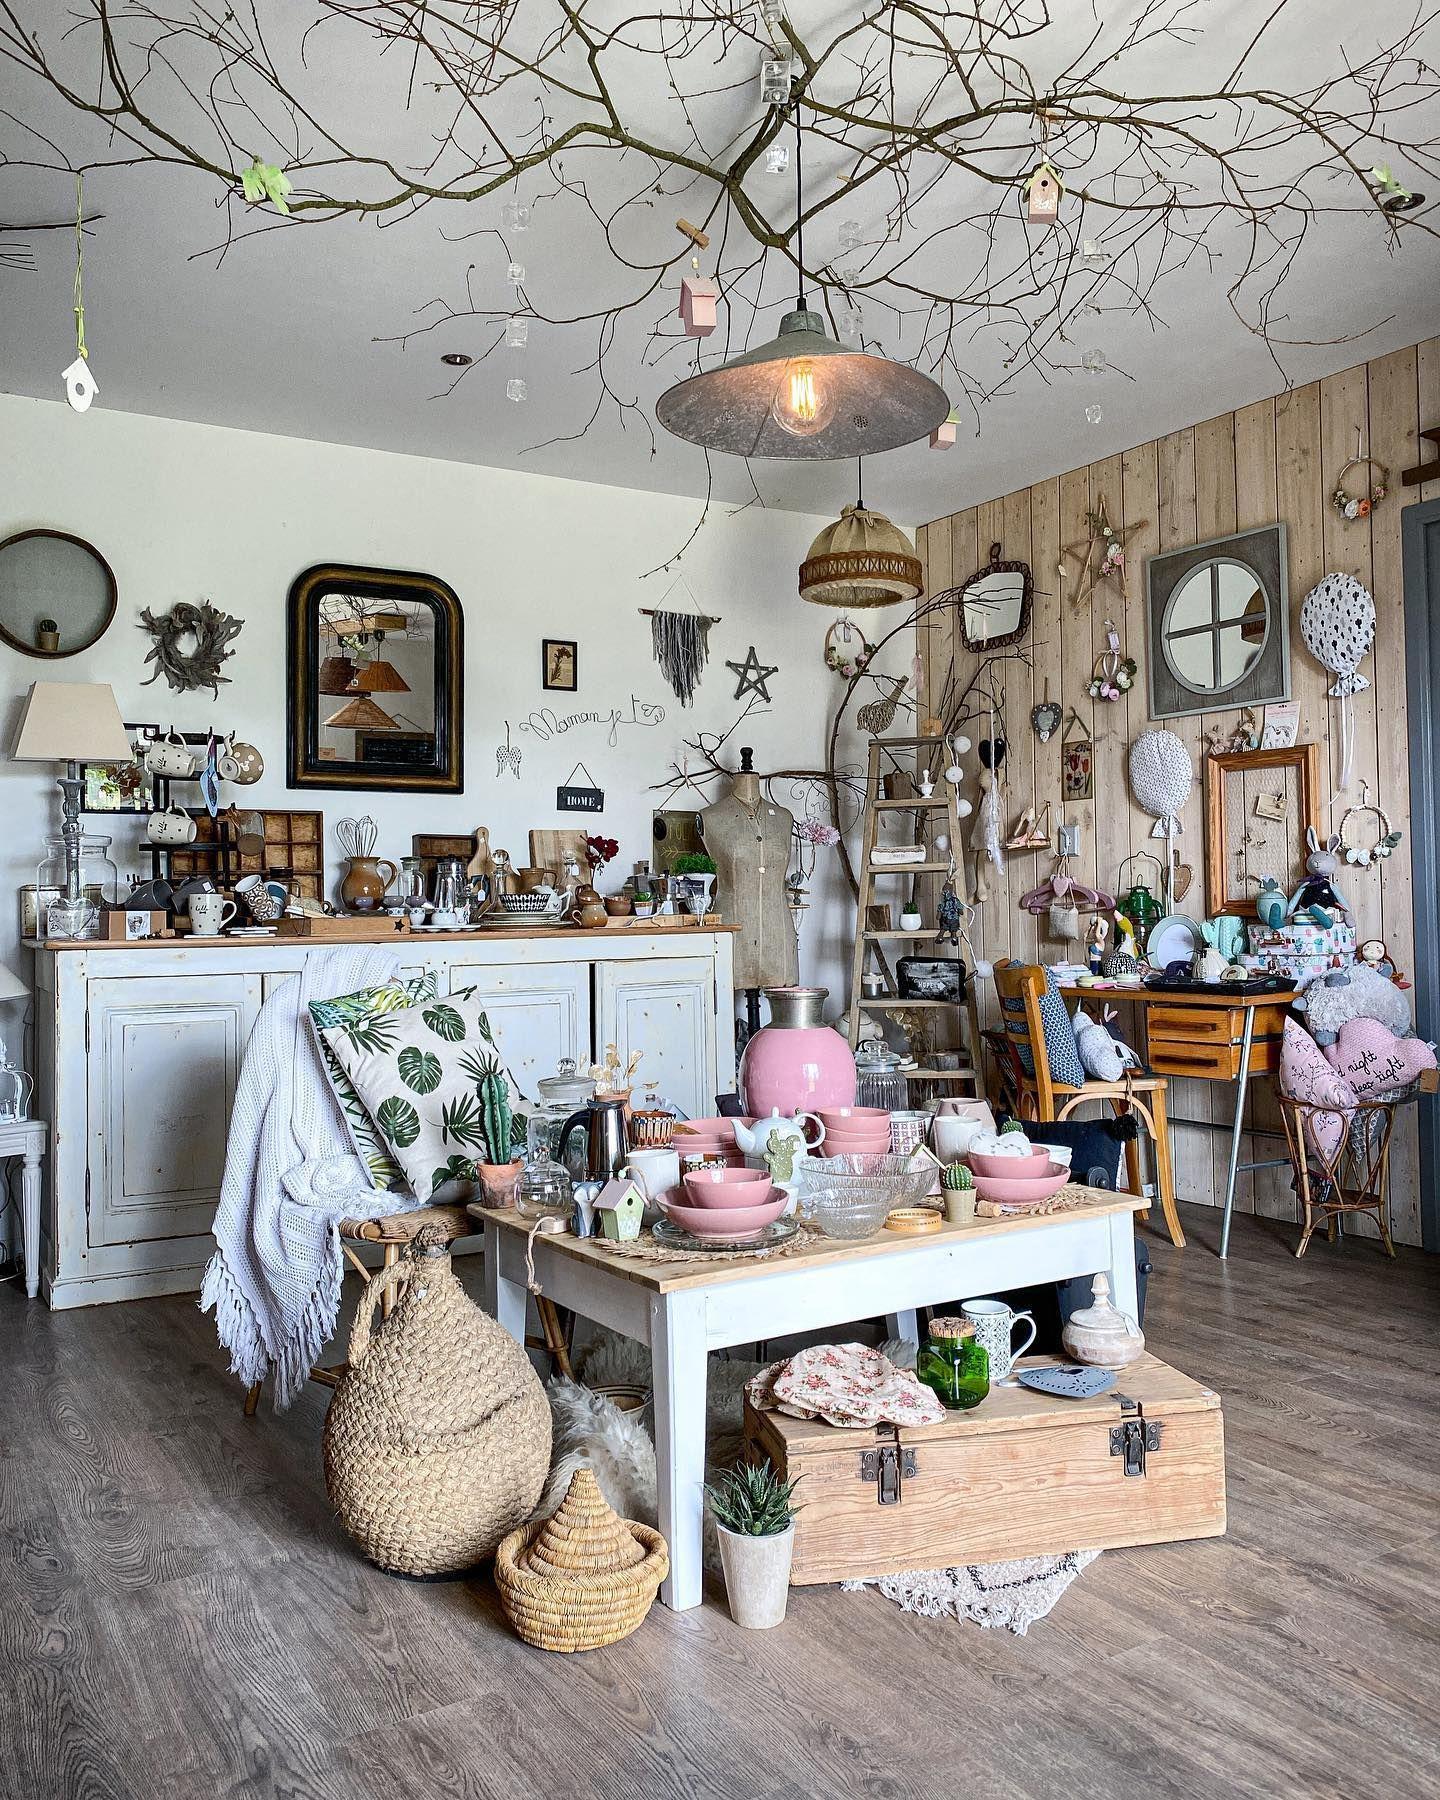 Hello C Est Dimanche Chiner Chez Grisgroseille Shop Ca Vous Tente Decoration Brocante Vintage Homedecor Conceptstore R In 2020 Table Settings Table